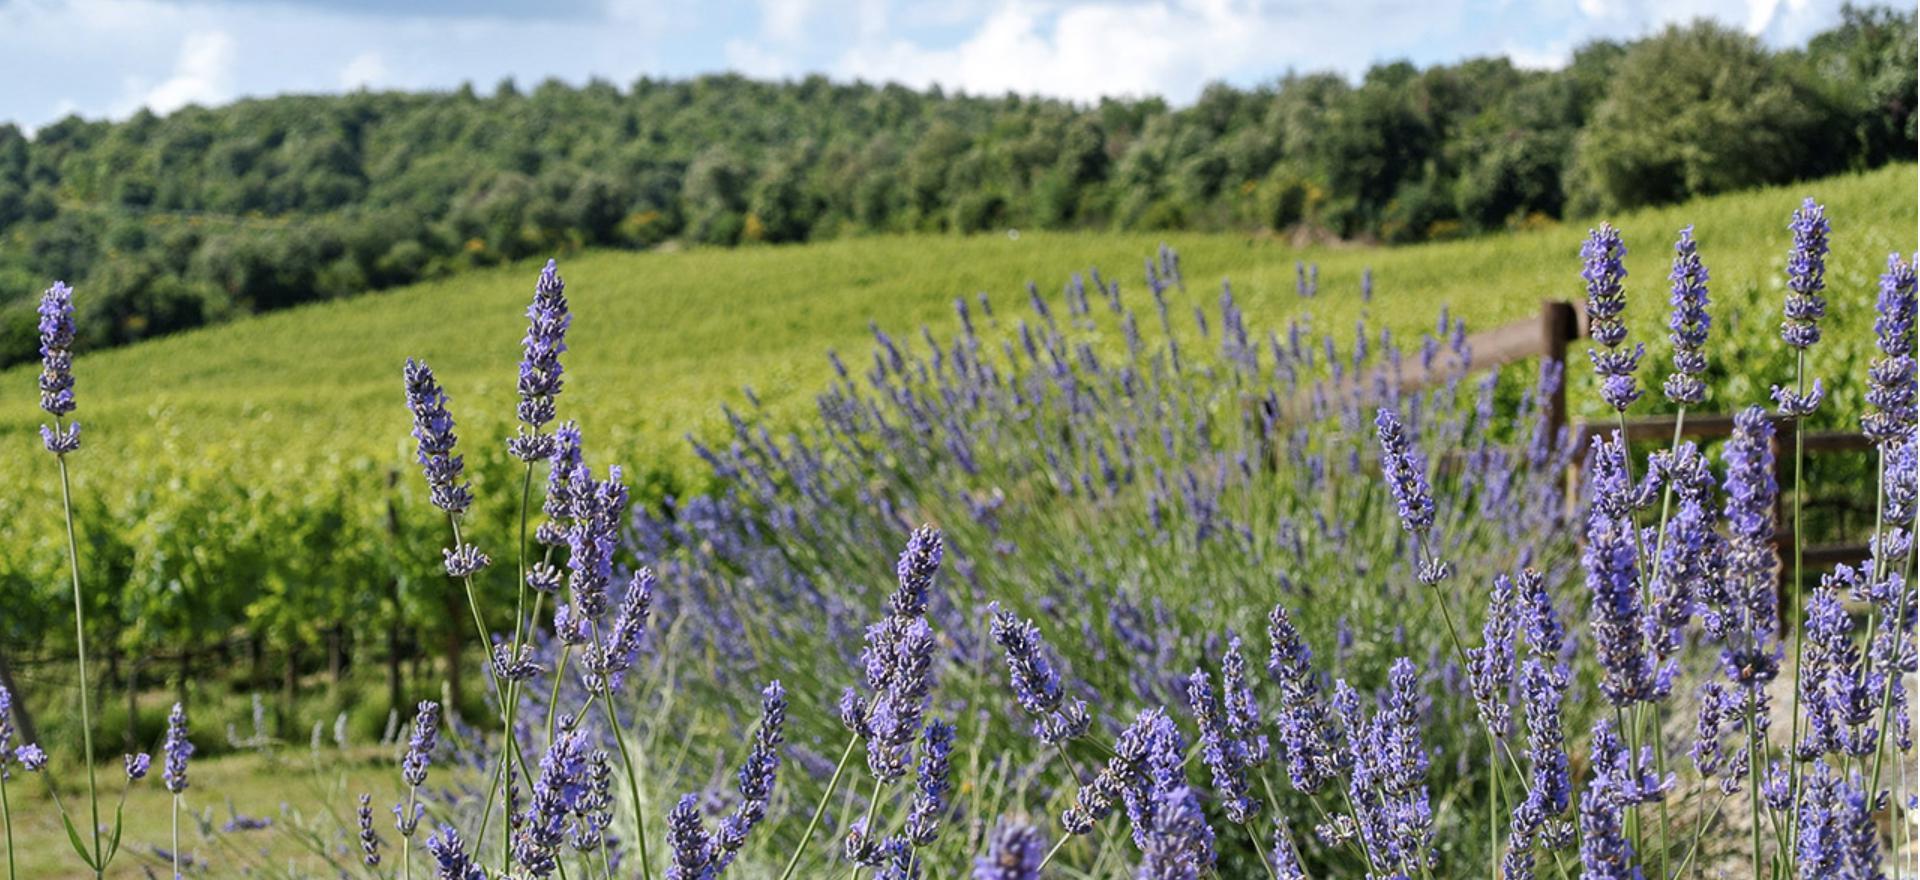 Agriturismo tussen wijngaarden ten zuiden van Siena